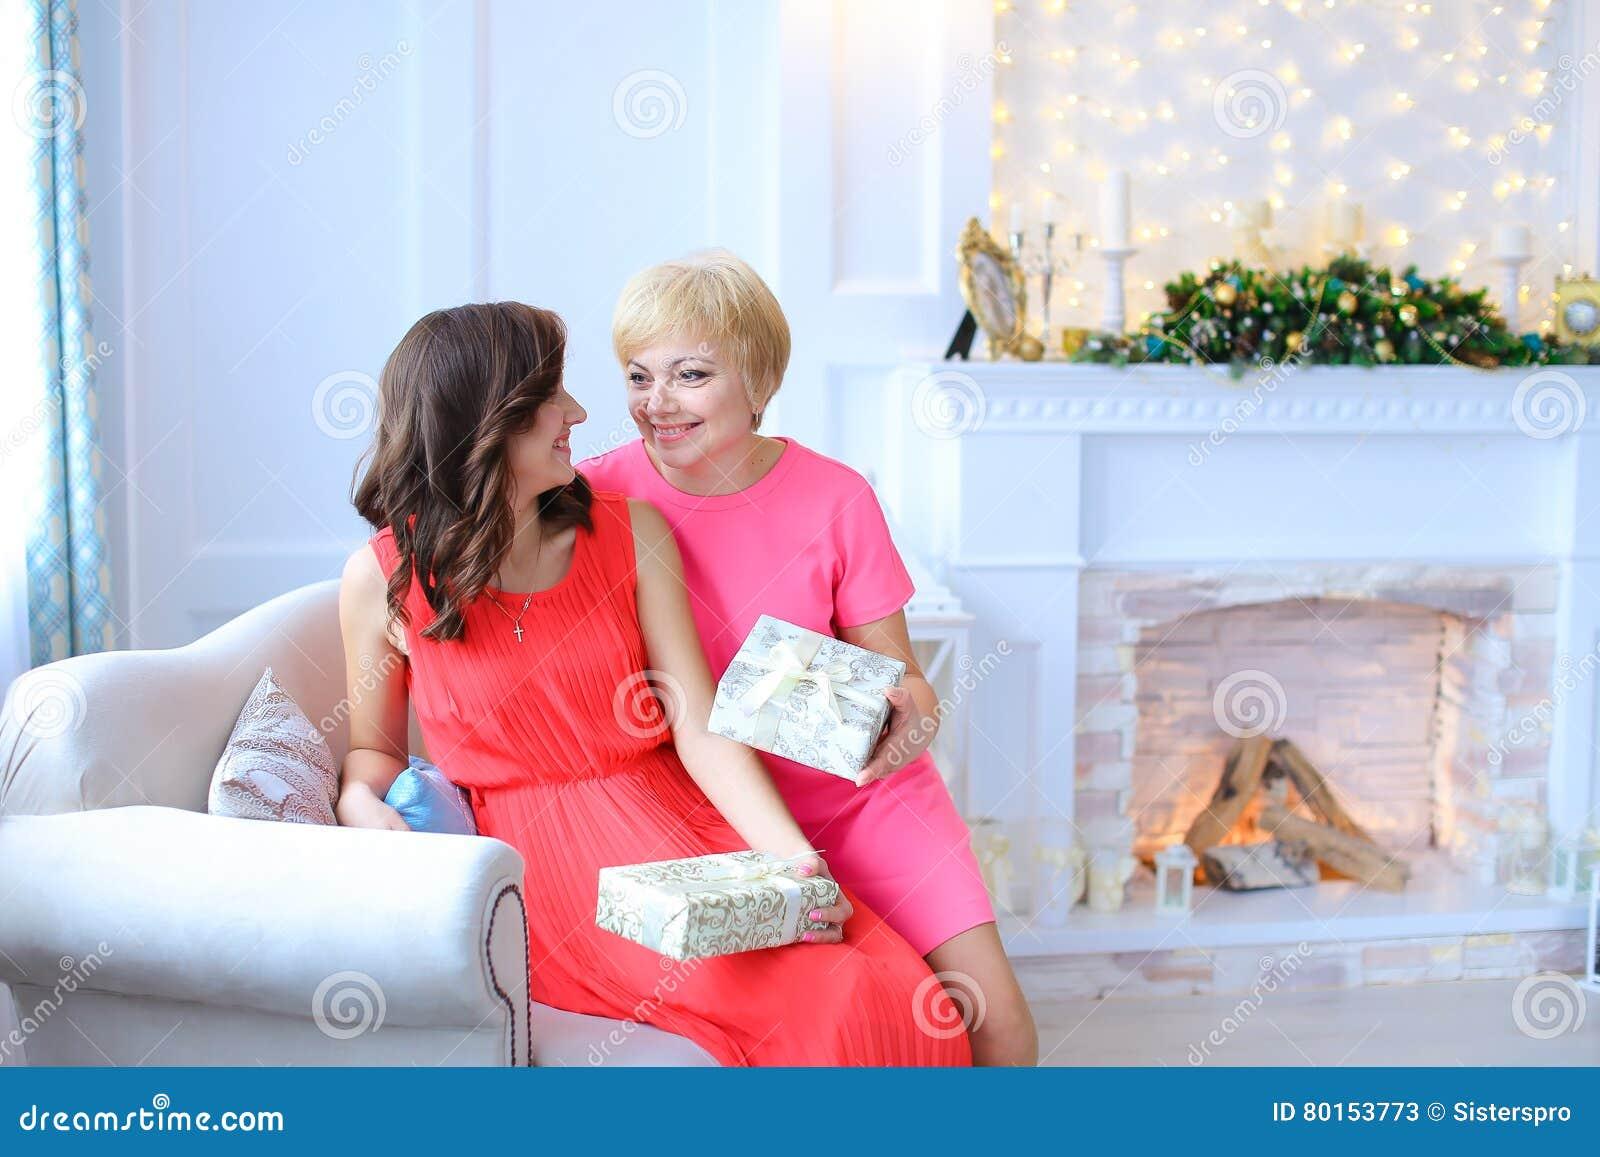 女儿和母亲一起坐长沙发,微笑对每个o